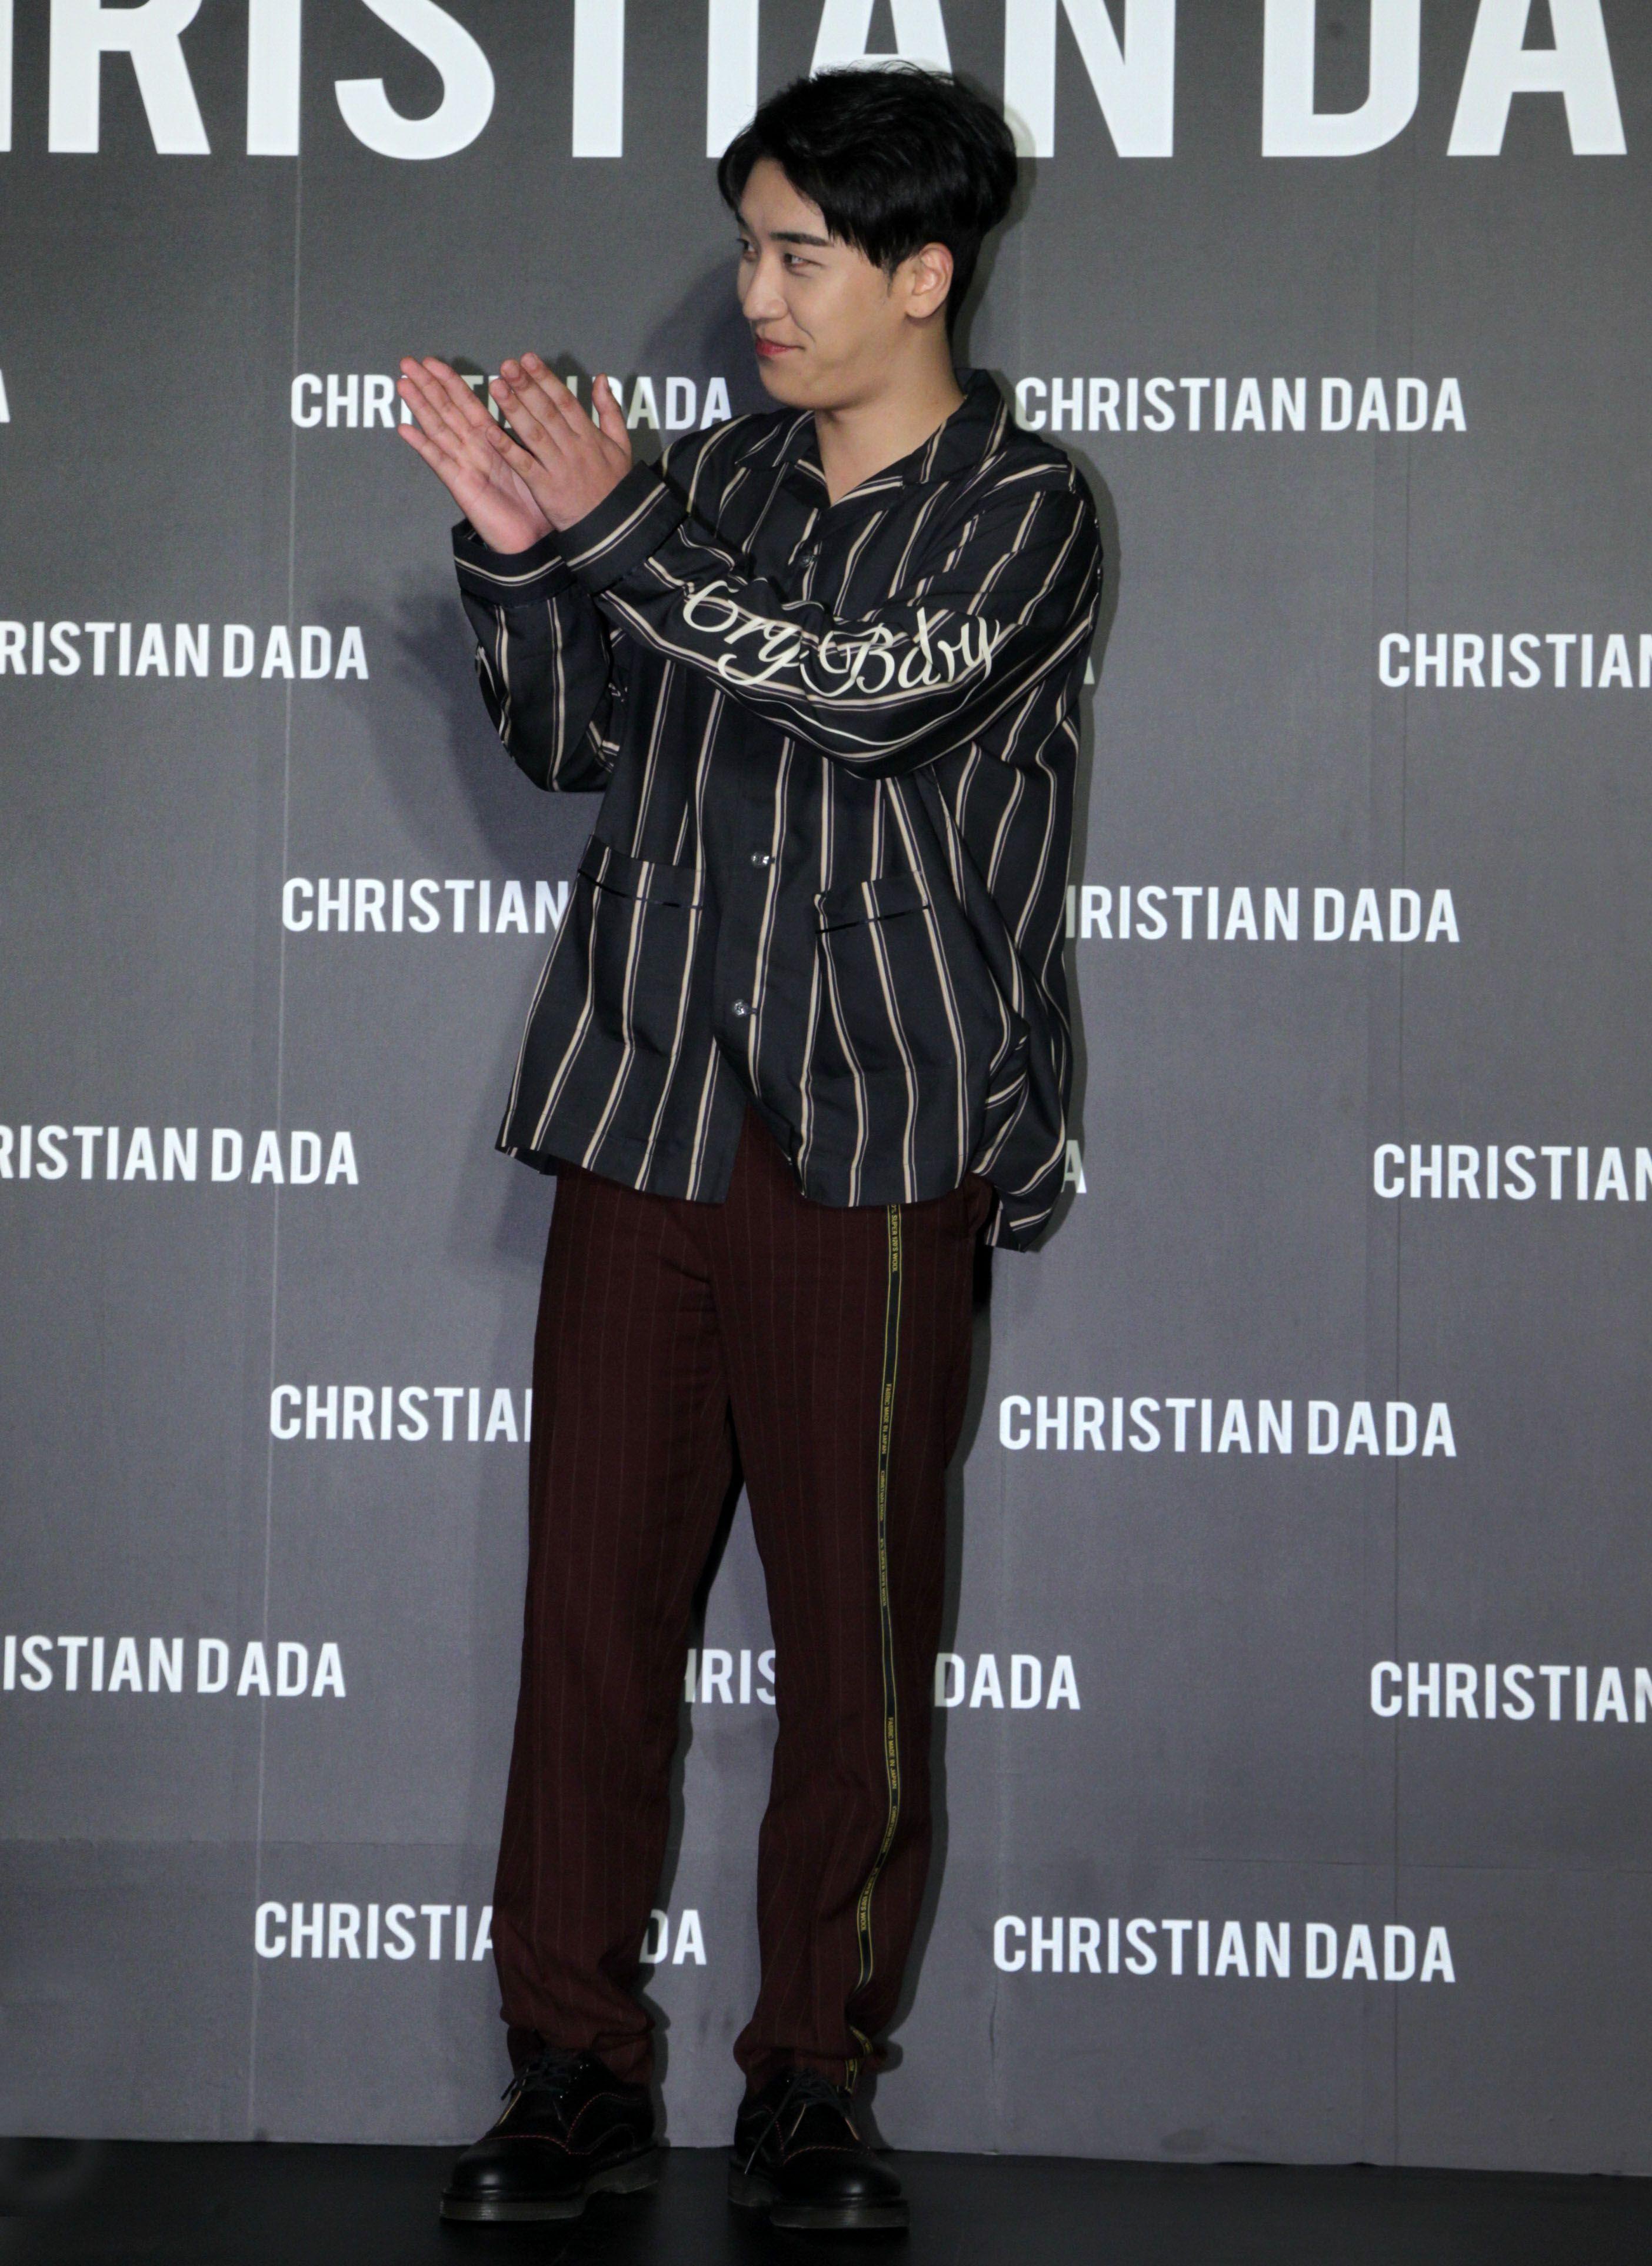 韓國藝人勝利來台灣出席服飾品牌旗艦店開幕,跟粉絲透漏即將來台開演唱會。(記者邱榮吉/攝影)